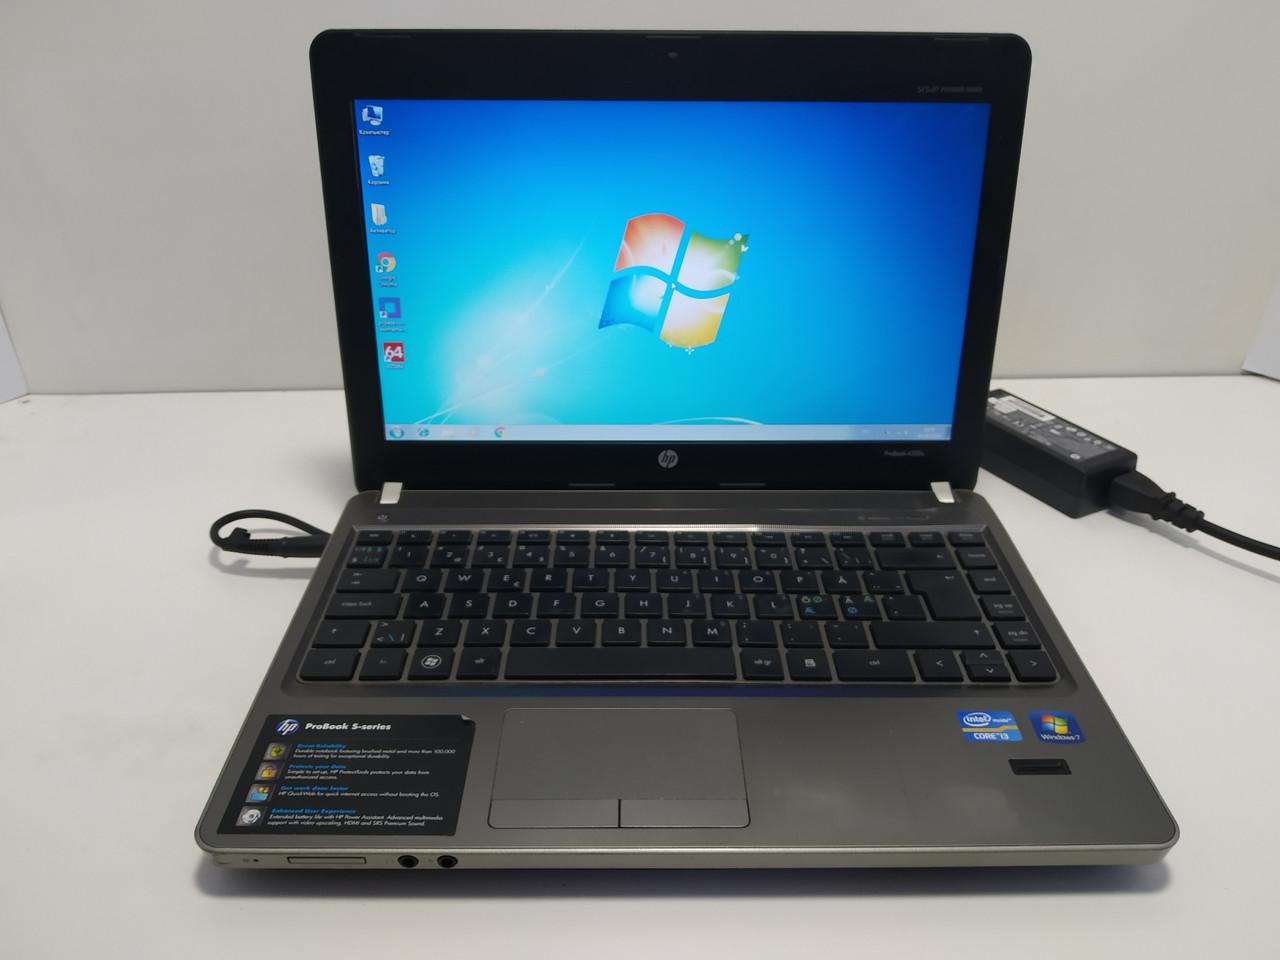 """13.3"""" HP ProBook 4330s, core i3 2310m 2.1, 3 ГБ DDR3, 160 ГБ hdd, акб до 4 часов\ Настроенный"""